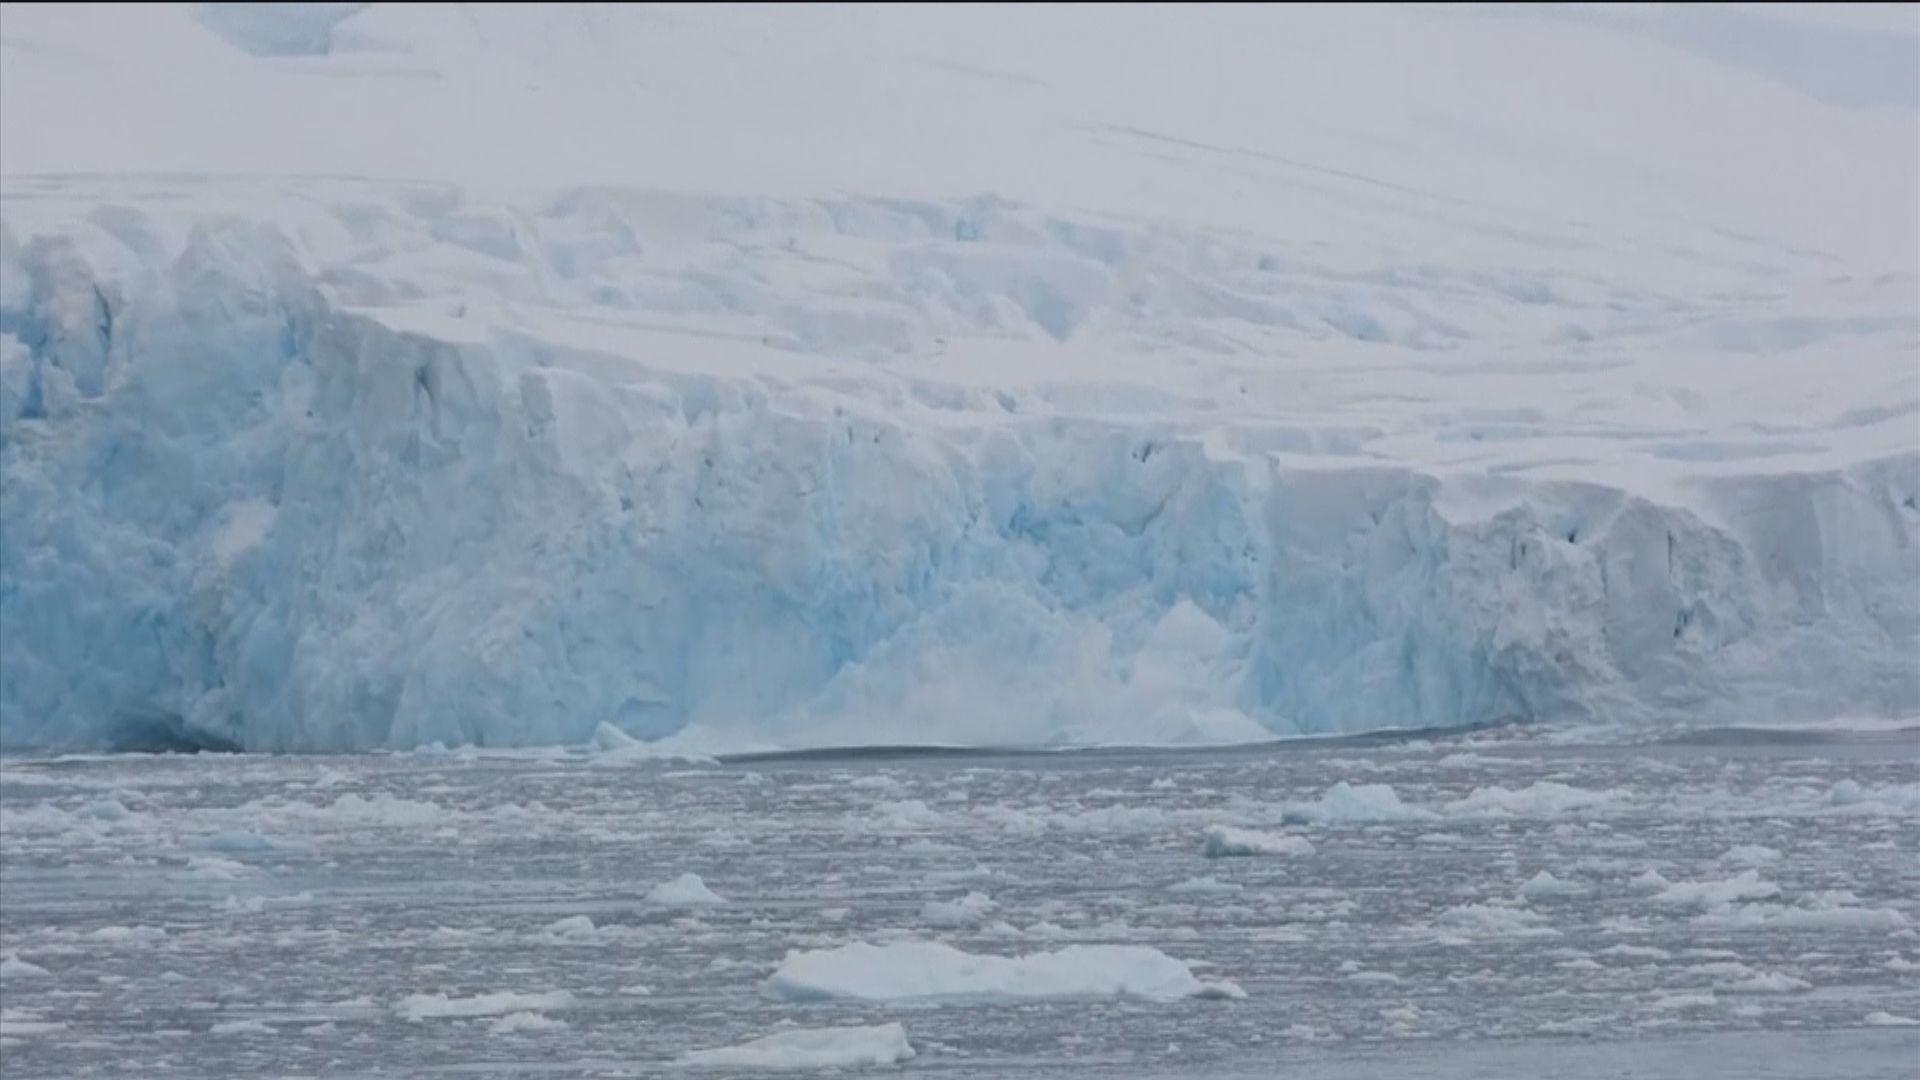 聯合國環境署預測本世紀氣溫上升攝氏2.7度